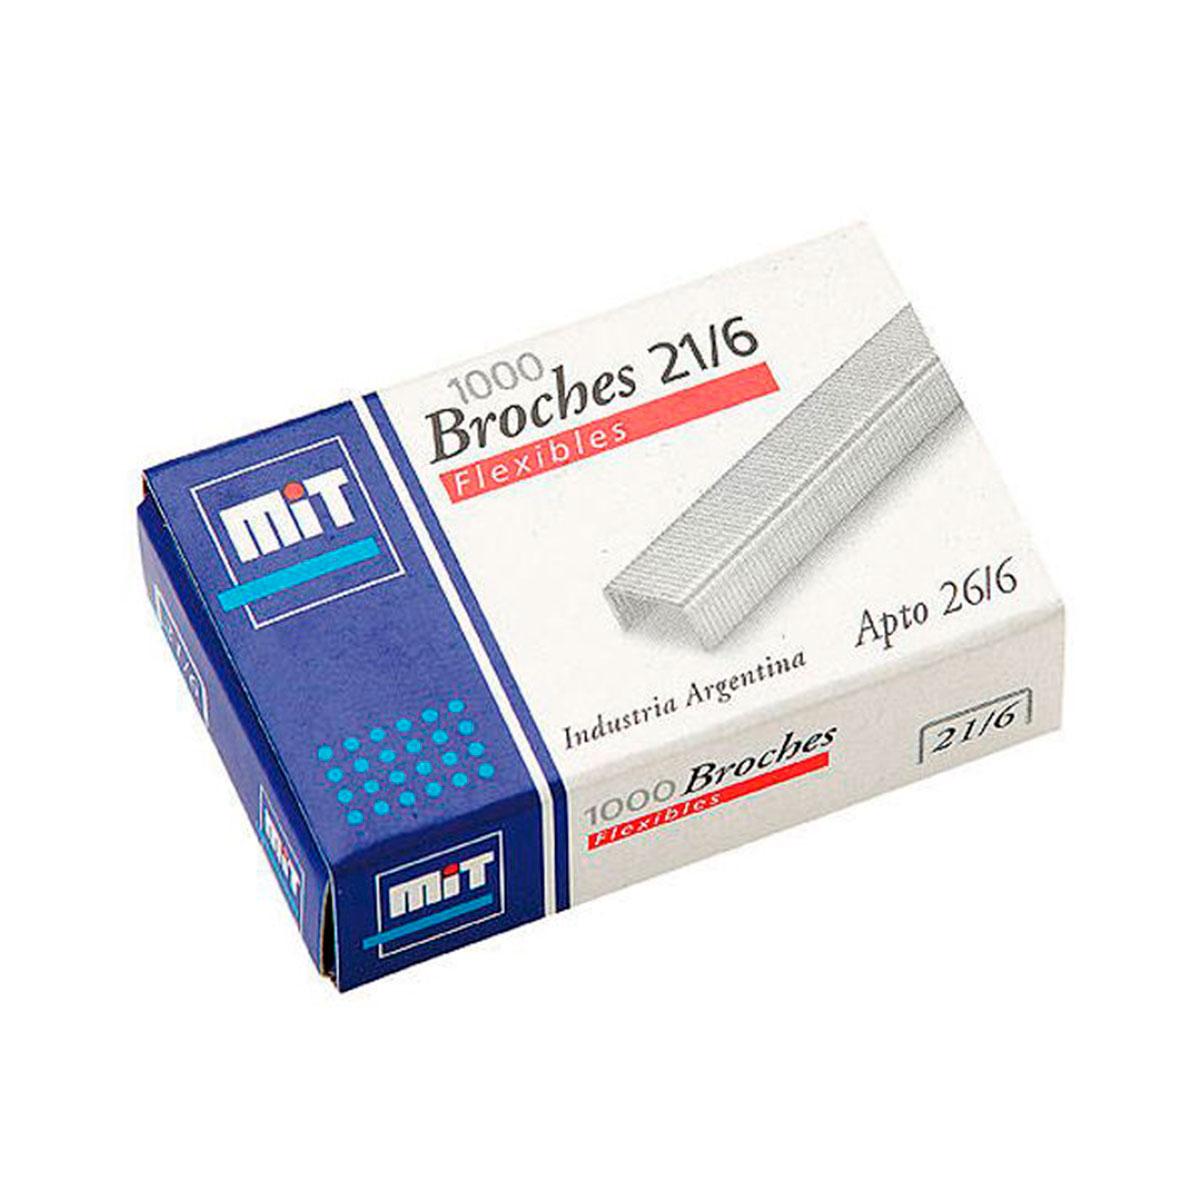 58 MIT                                                          | BROCHES Nº 21/6 POR 1000 UNIDADES FLEXIBLES